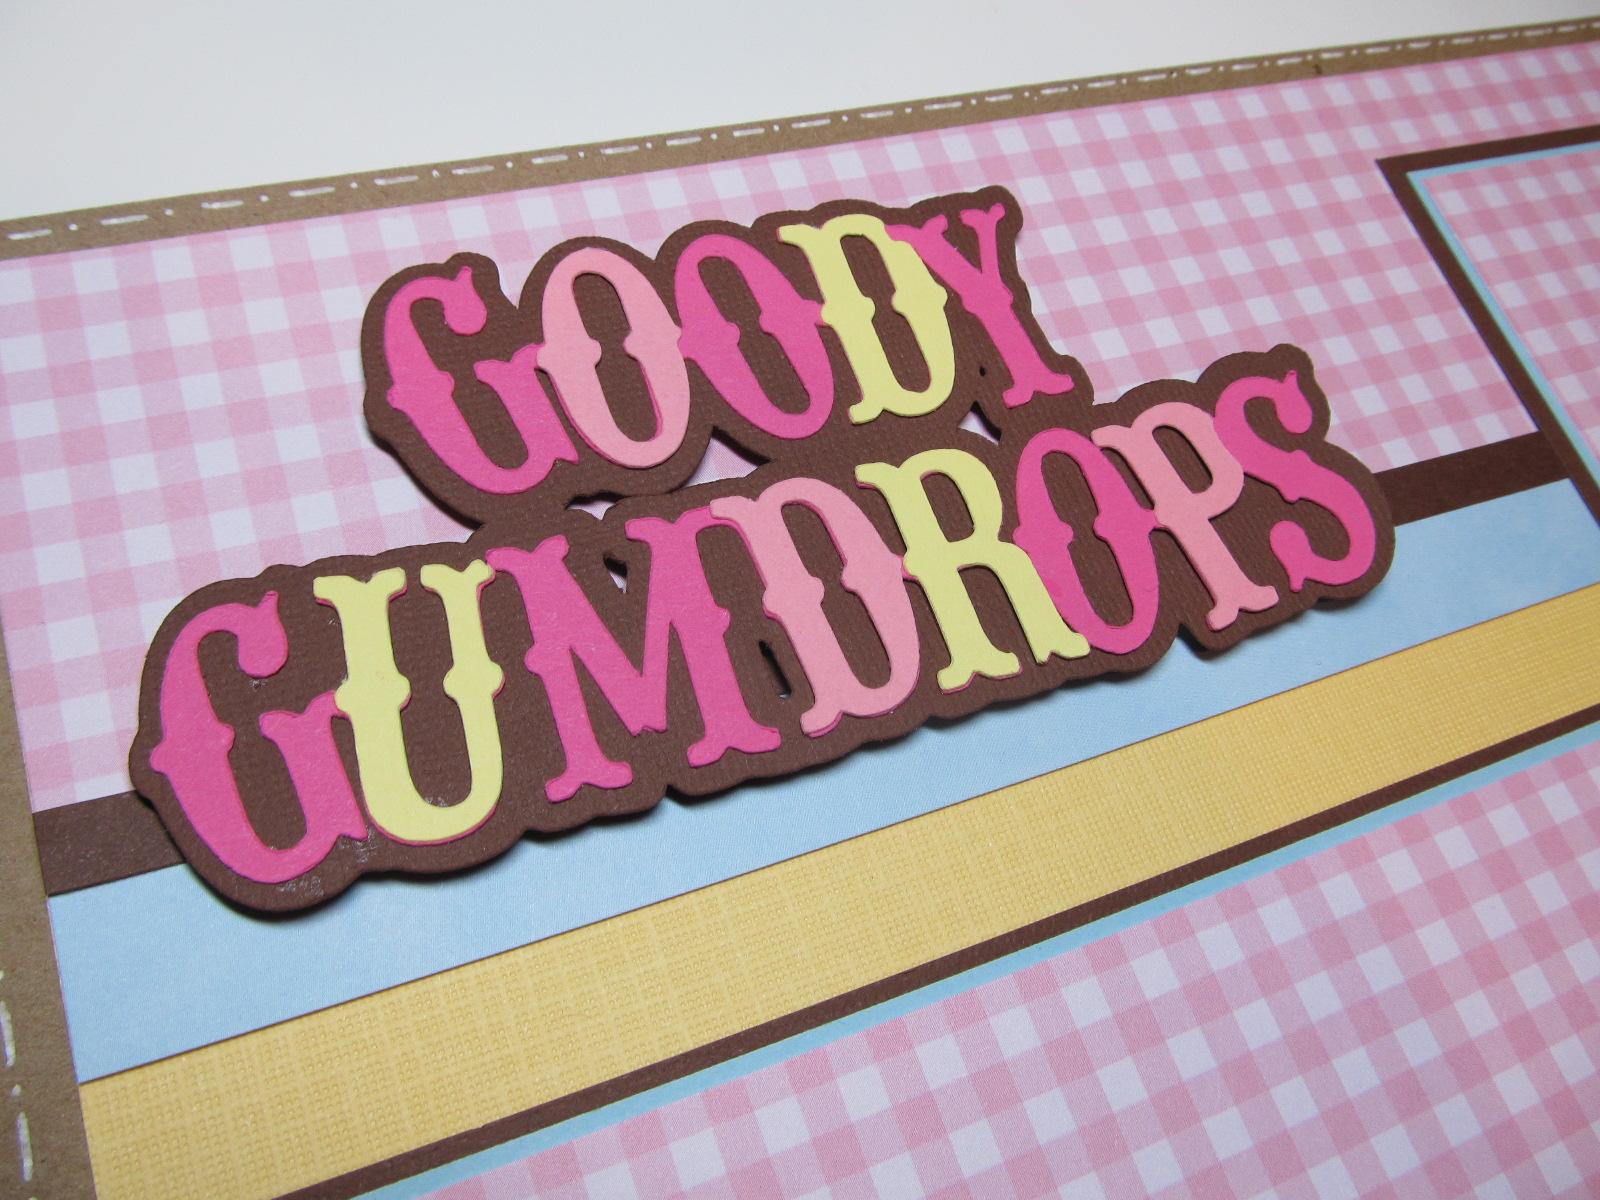 http://3.bp.blogspot.com/-msJ4Wo_RtIQ/Tvz3zWP3LUI/AAAAAAAABiQ/KKDA6J3RYx0/s1600/Goody%2BGumdrops%2BLO%2B002.JPG